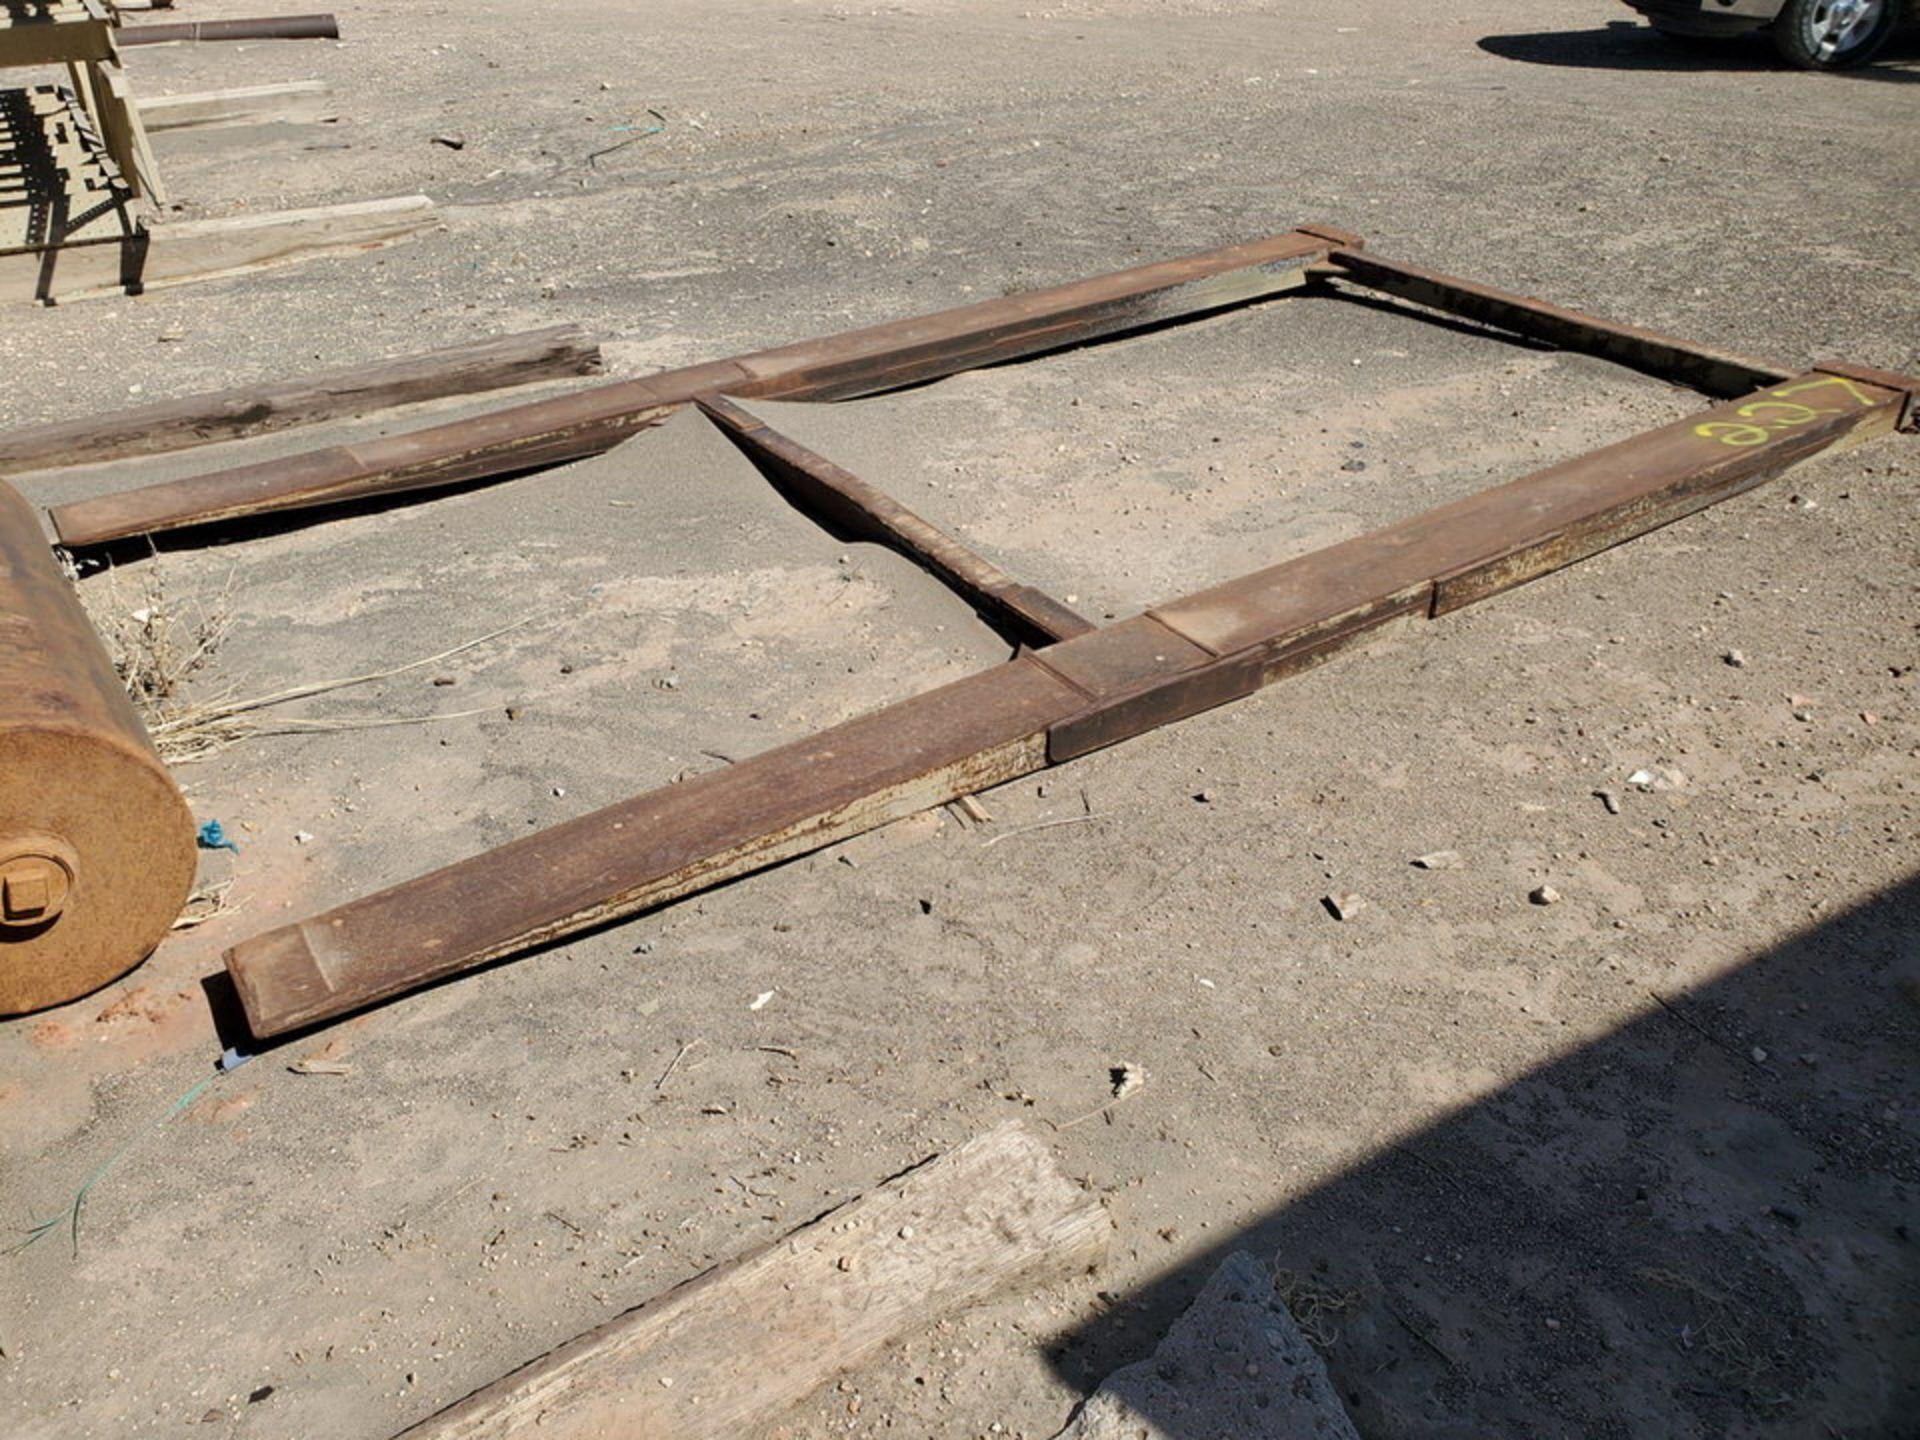 """Forklift Attechment 15'8"""" x 7'11"""", 9-1/2"""" Forks I.D. - Image 7 of 8"""